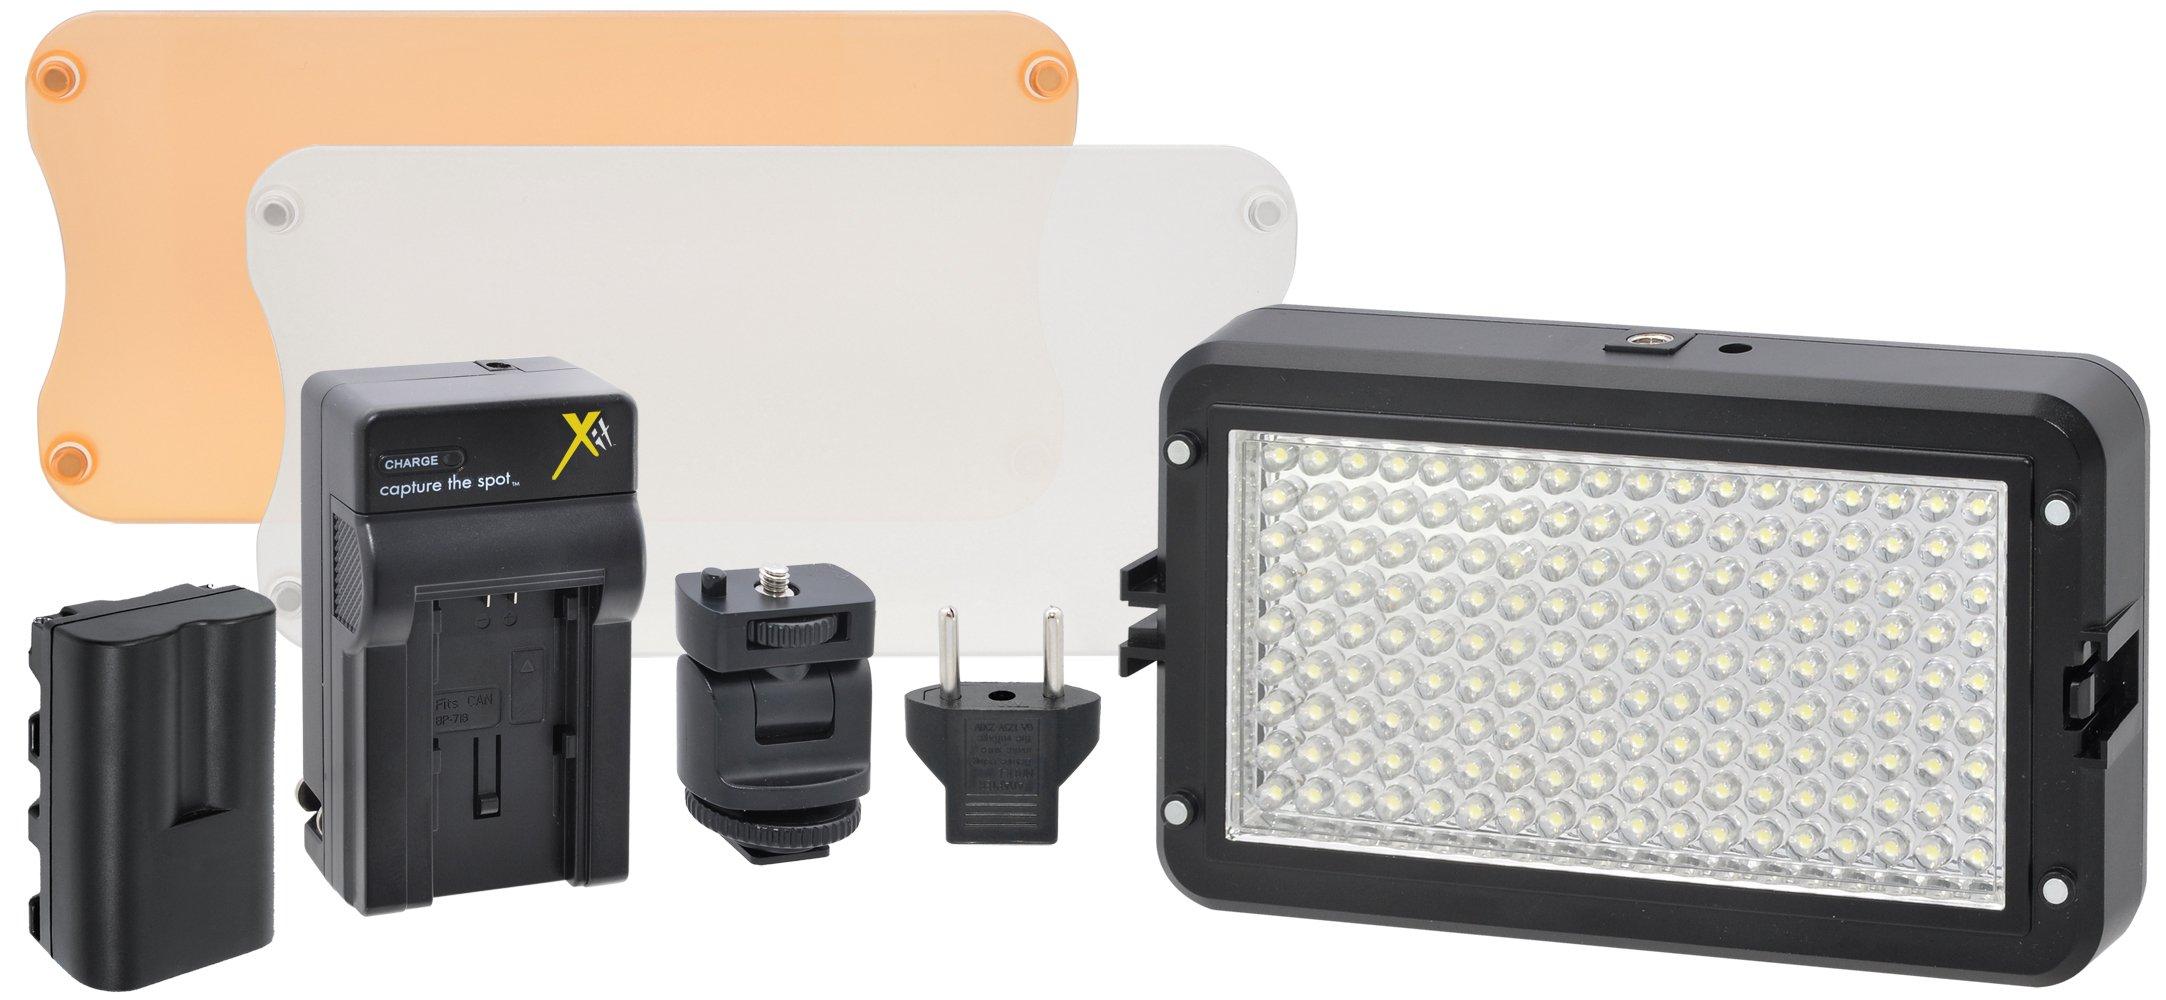 Xit XTLEDPROKIT Professional Portable LED Light and Flash Kit (Black)